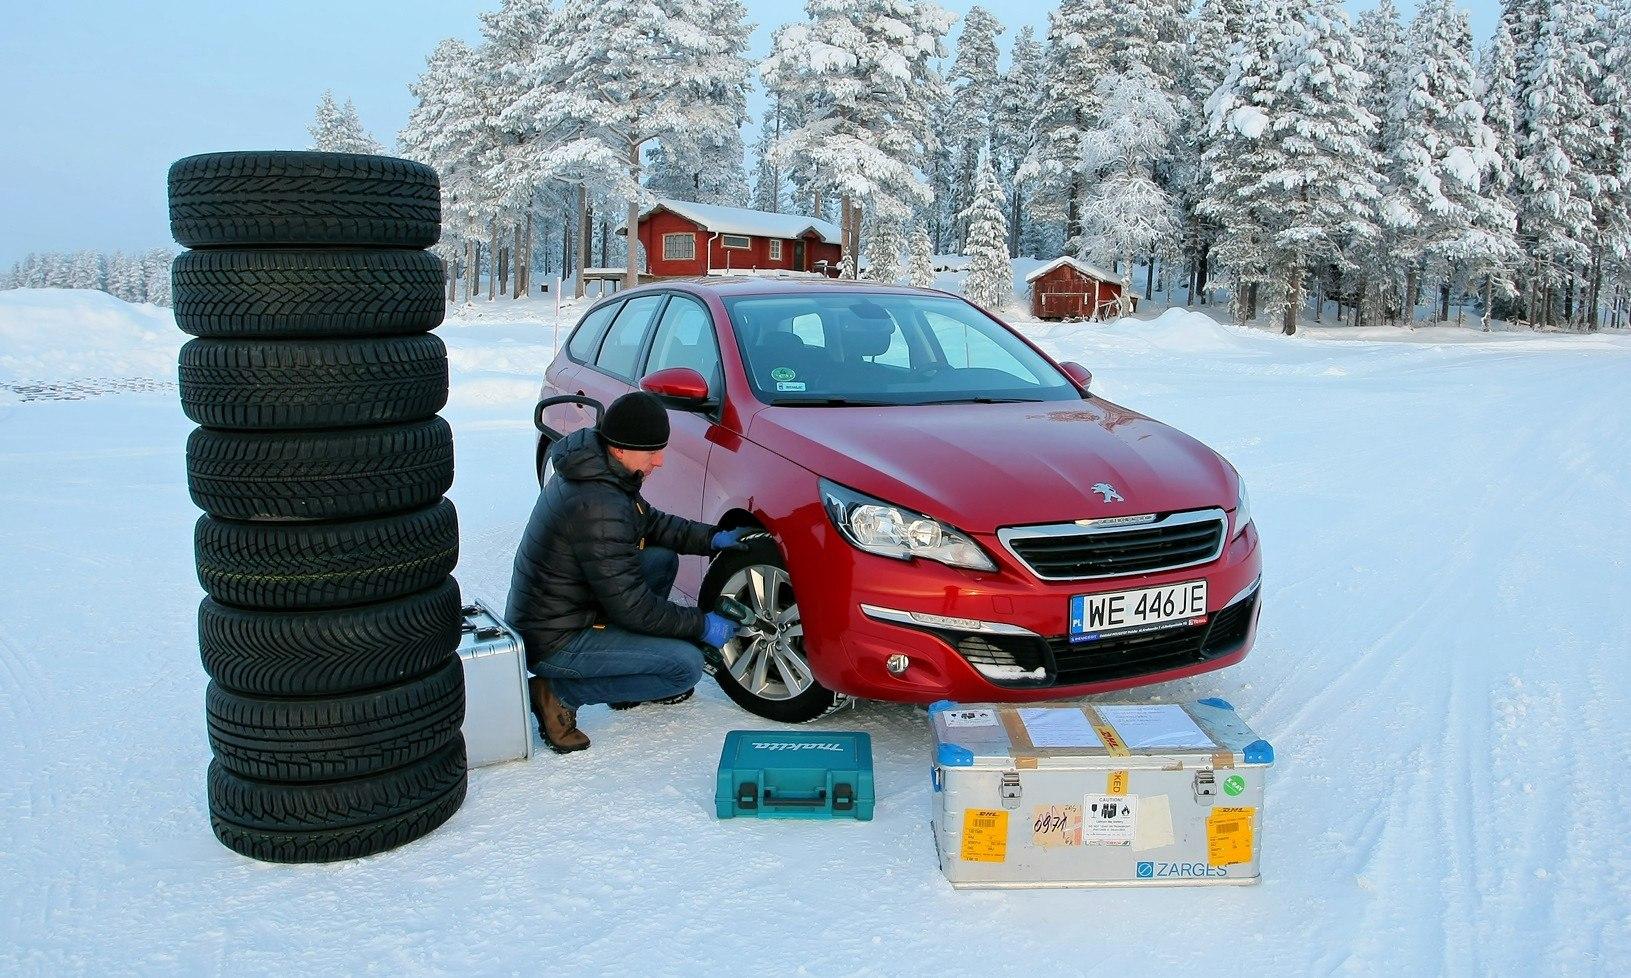 Test Opon Zimowych 17565 R14 W Rankingu Zimówek Adac Dębica Przed